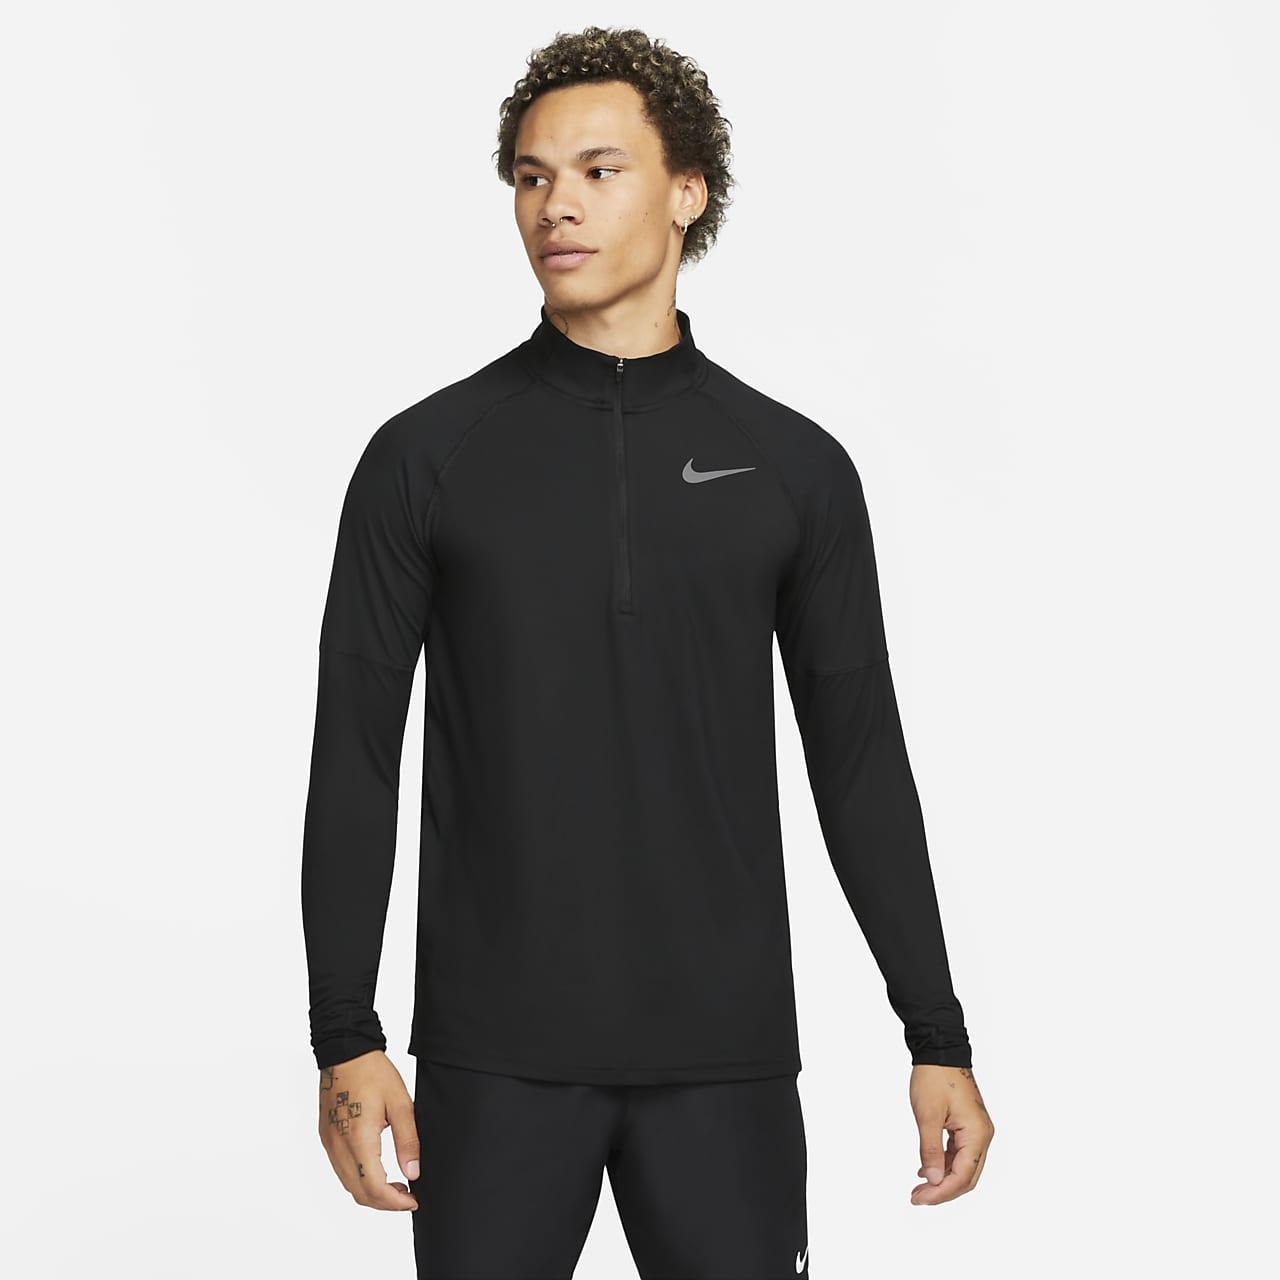 Maglia da running con zip a metà lunghezza Nike - Uomo